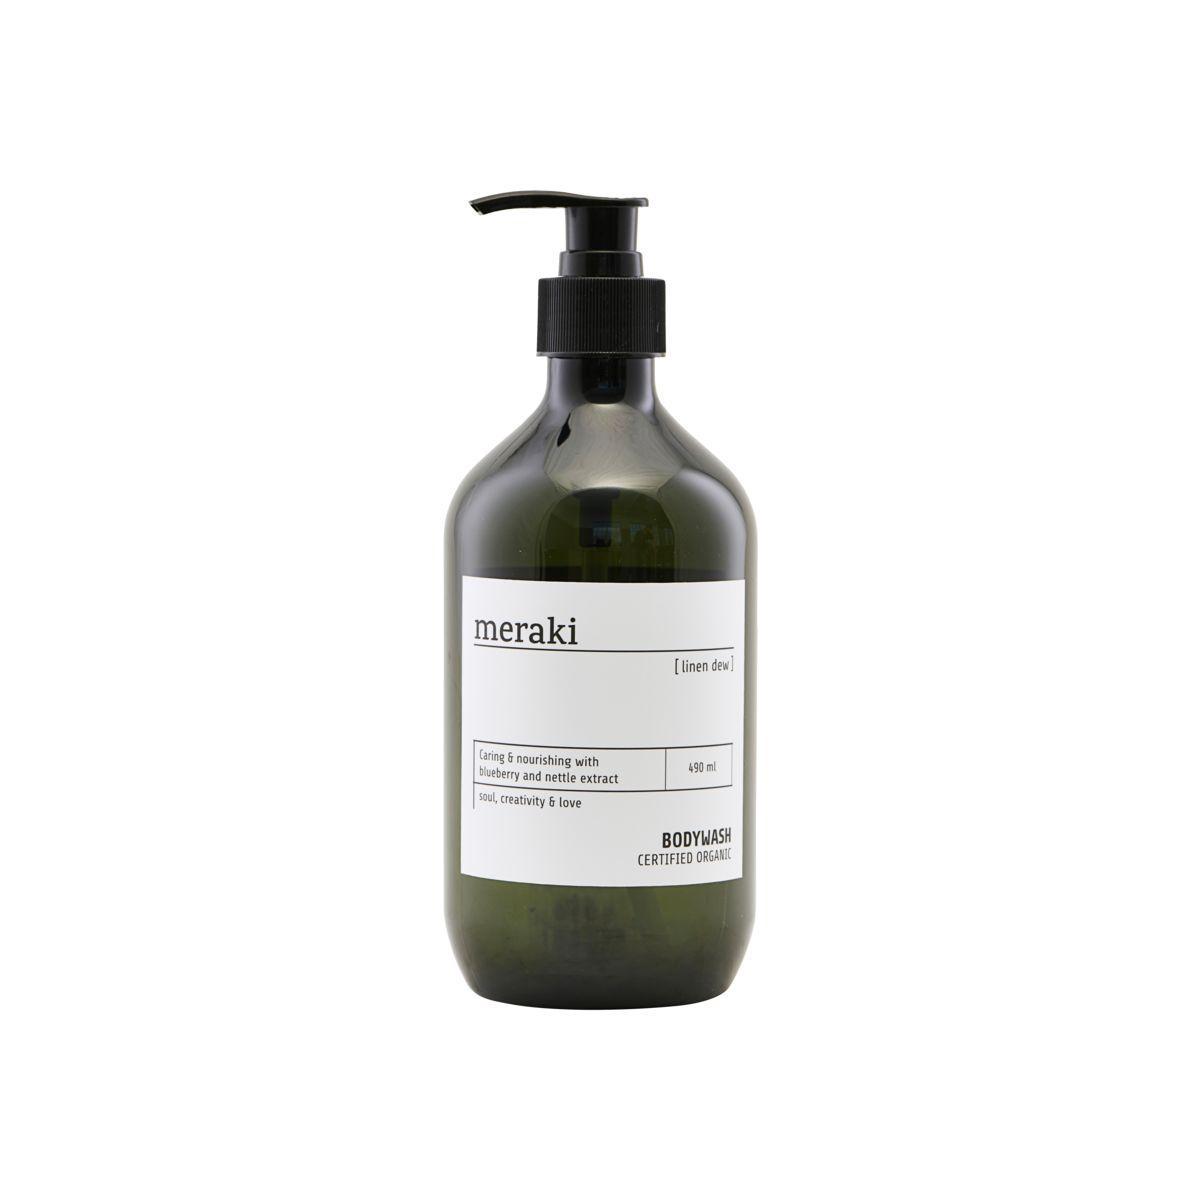 Meraki - Bodywash - Linen dew